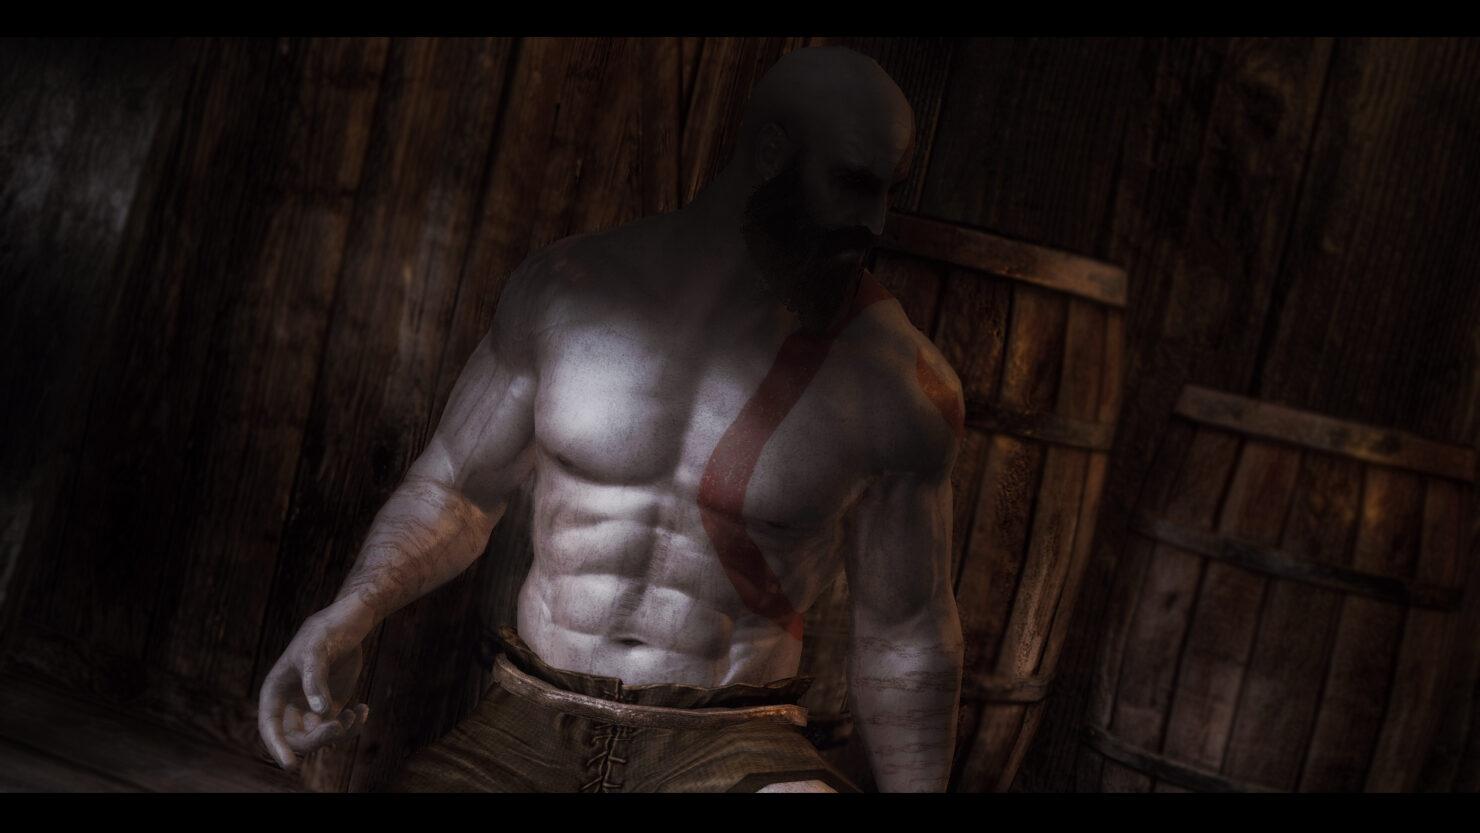 skyrim-god-of-war-mod-kratos-pc-2